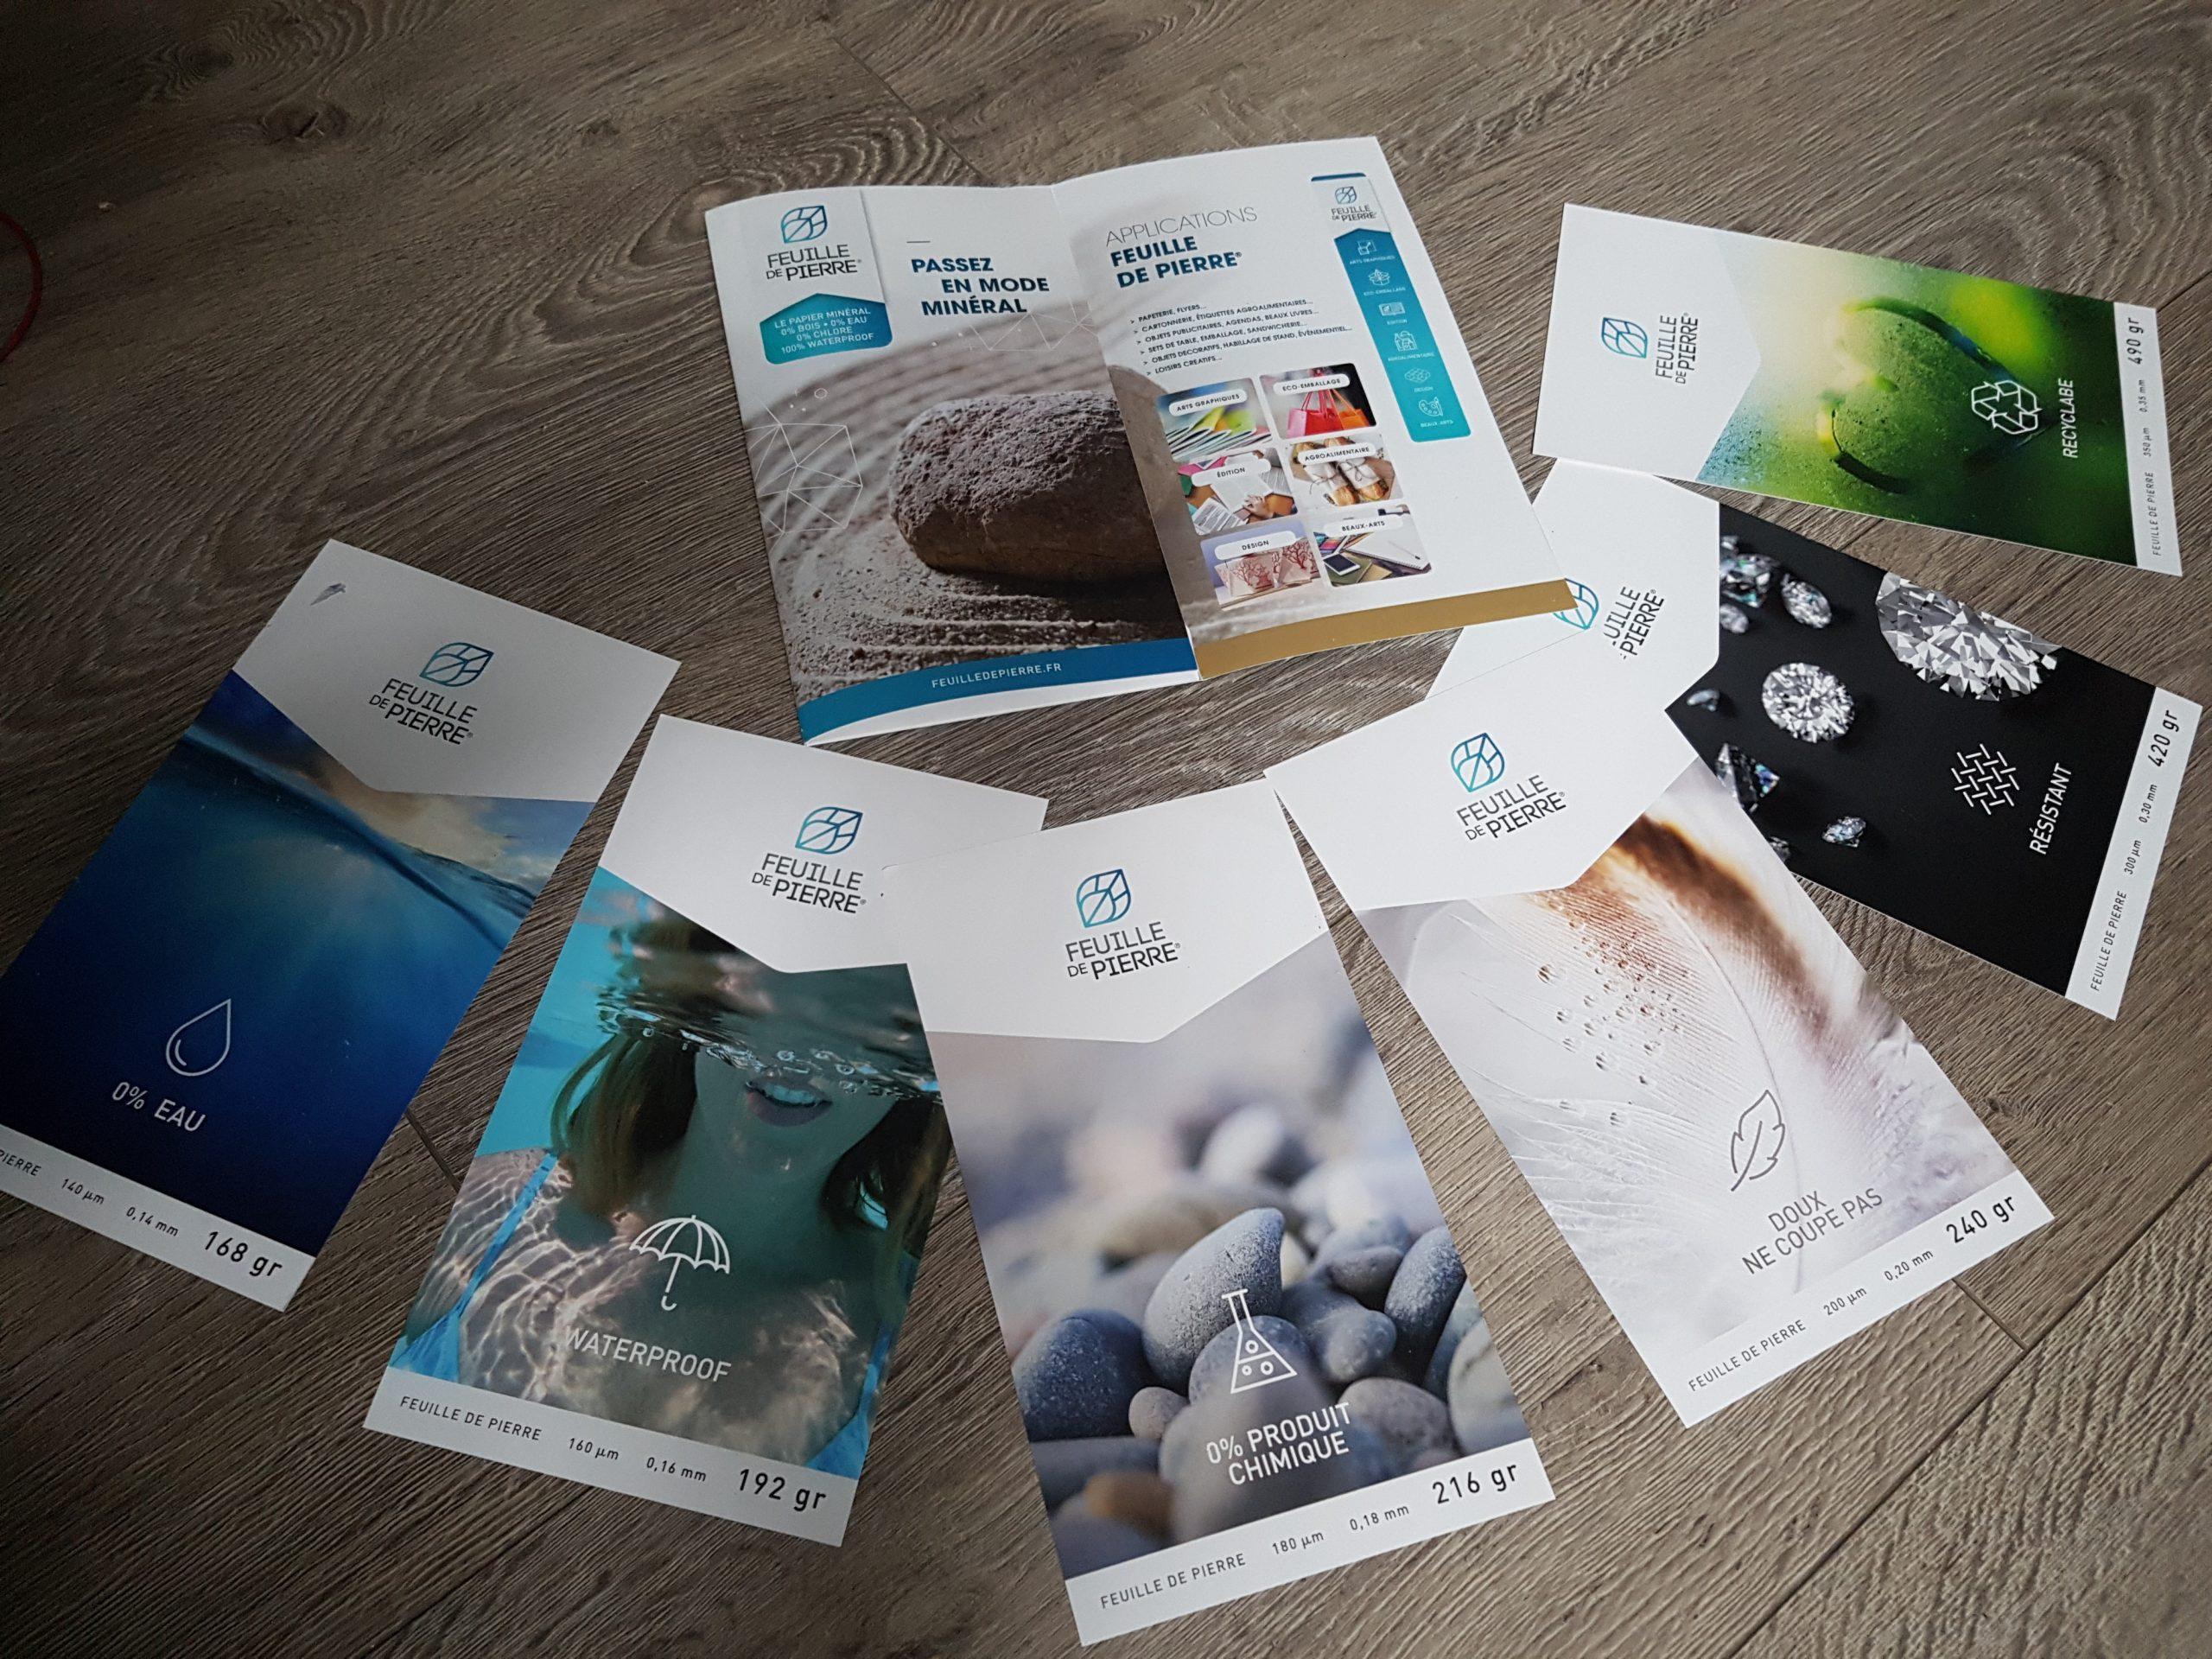 On A Testé La Feuille De Pierre, Découvrez Ce Papier Hors à Papier Plastifié Imprimable